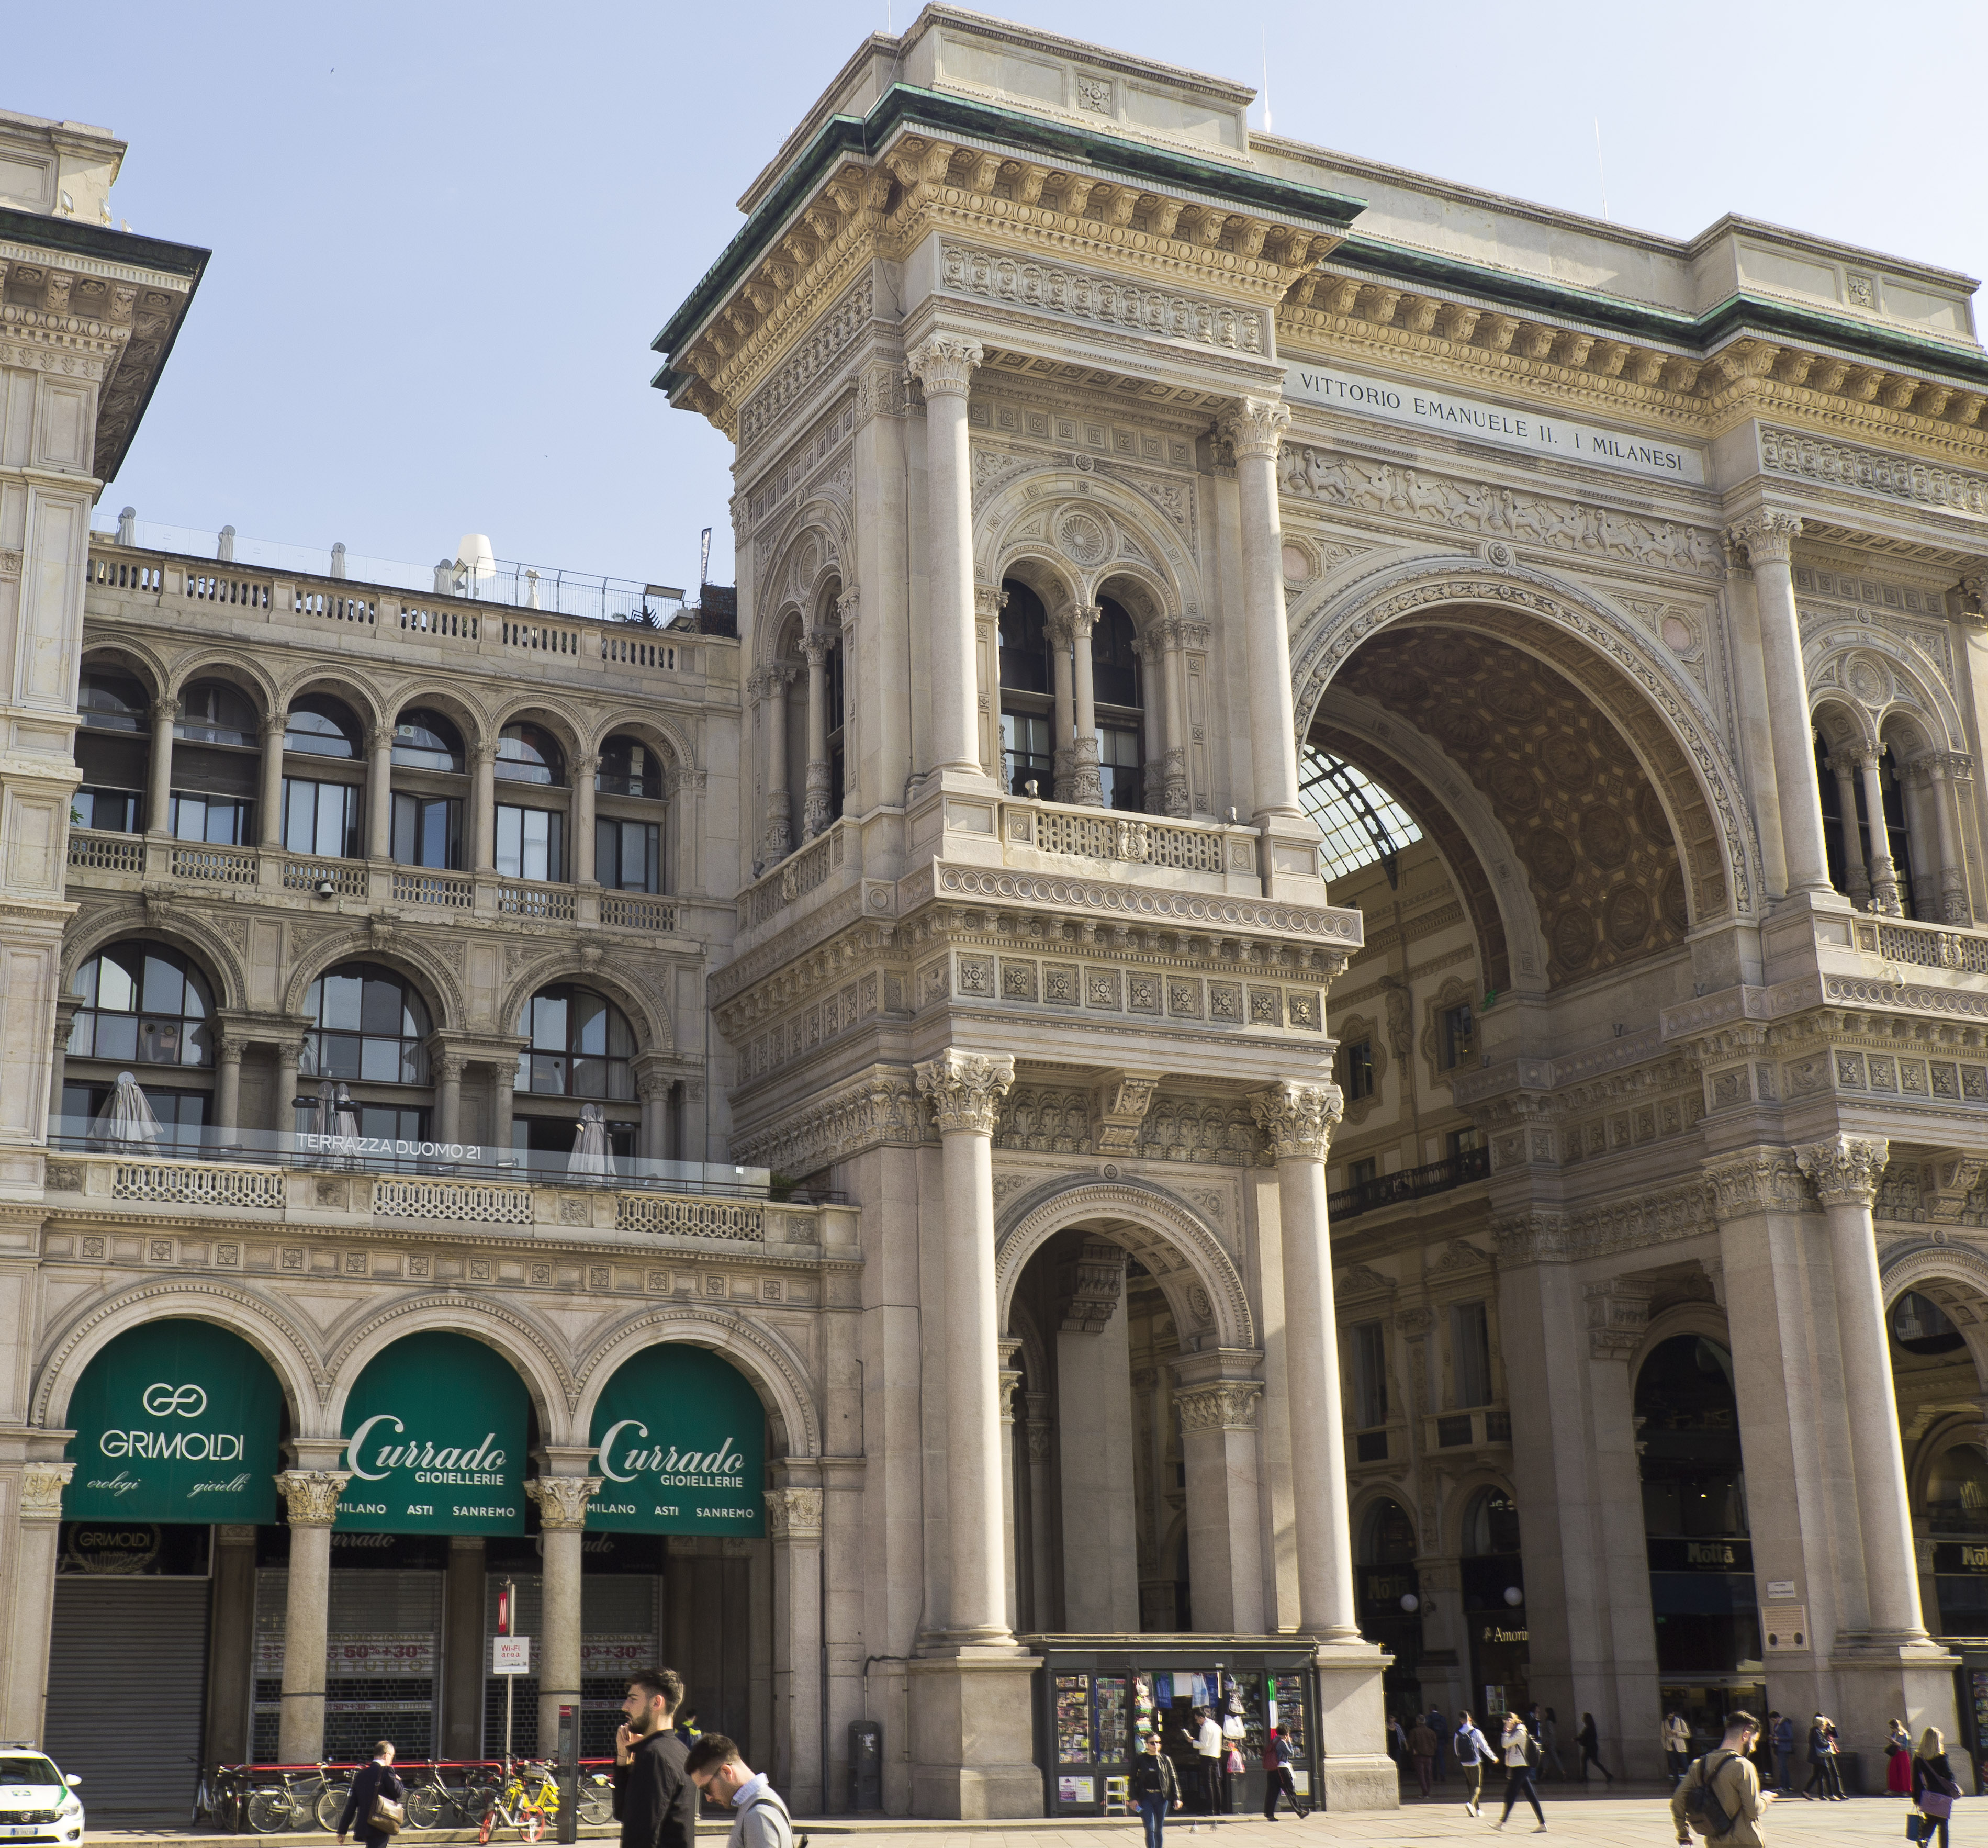 La Galleria Vittorio Emanuele II